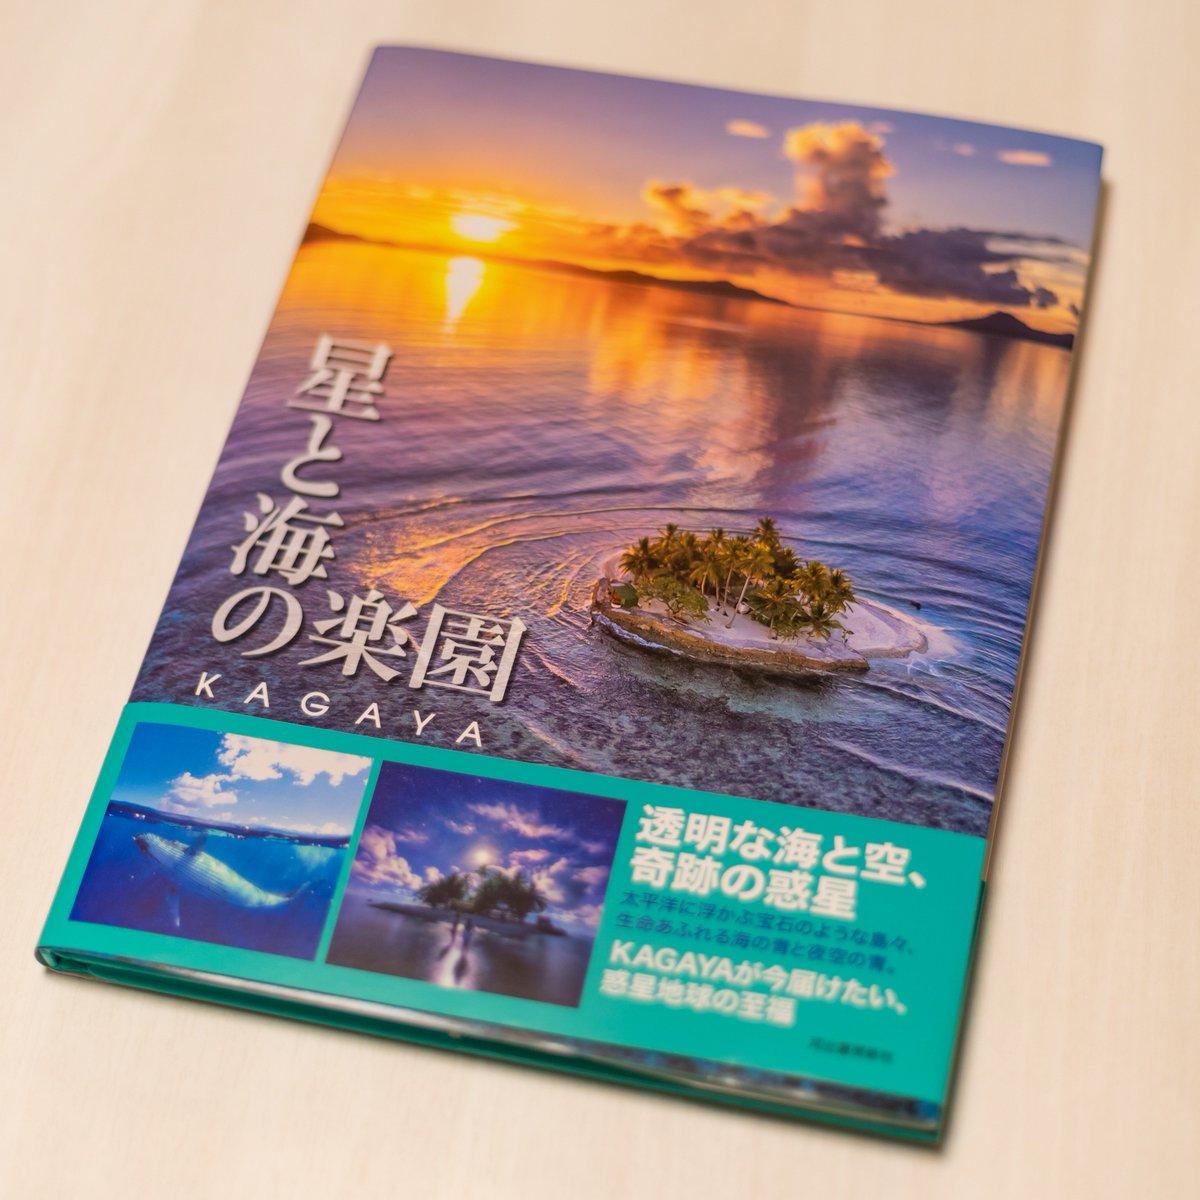 星と海の楽園に関する画像7